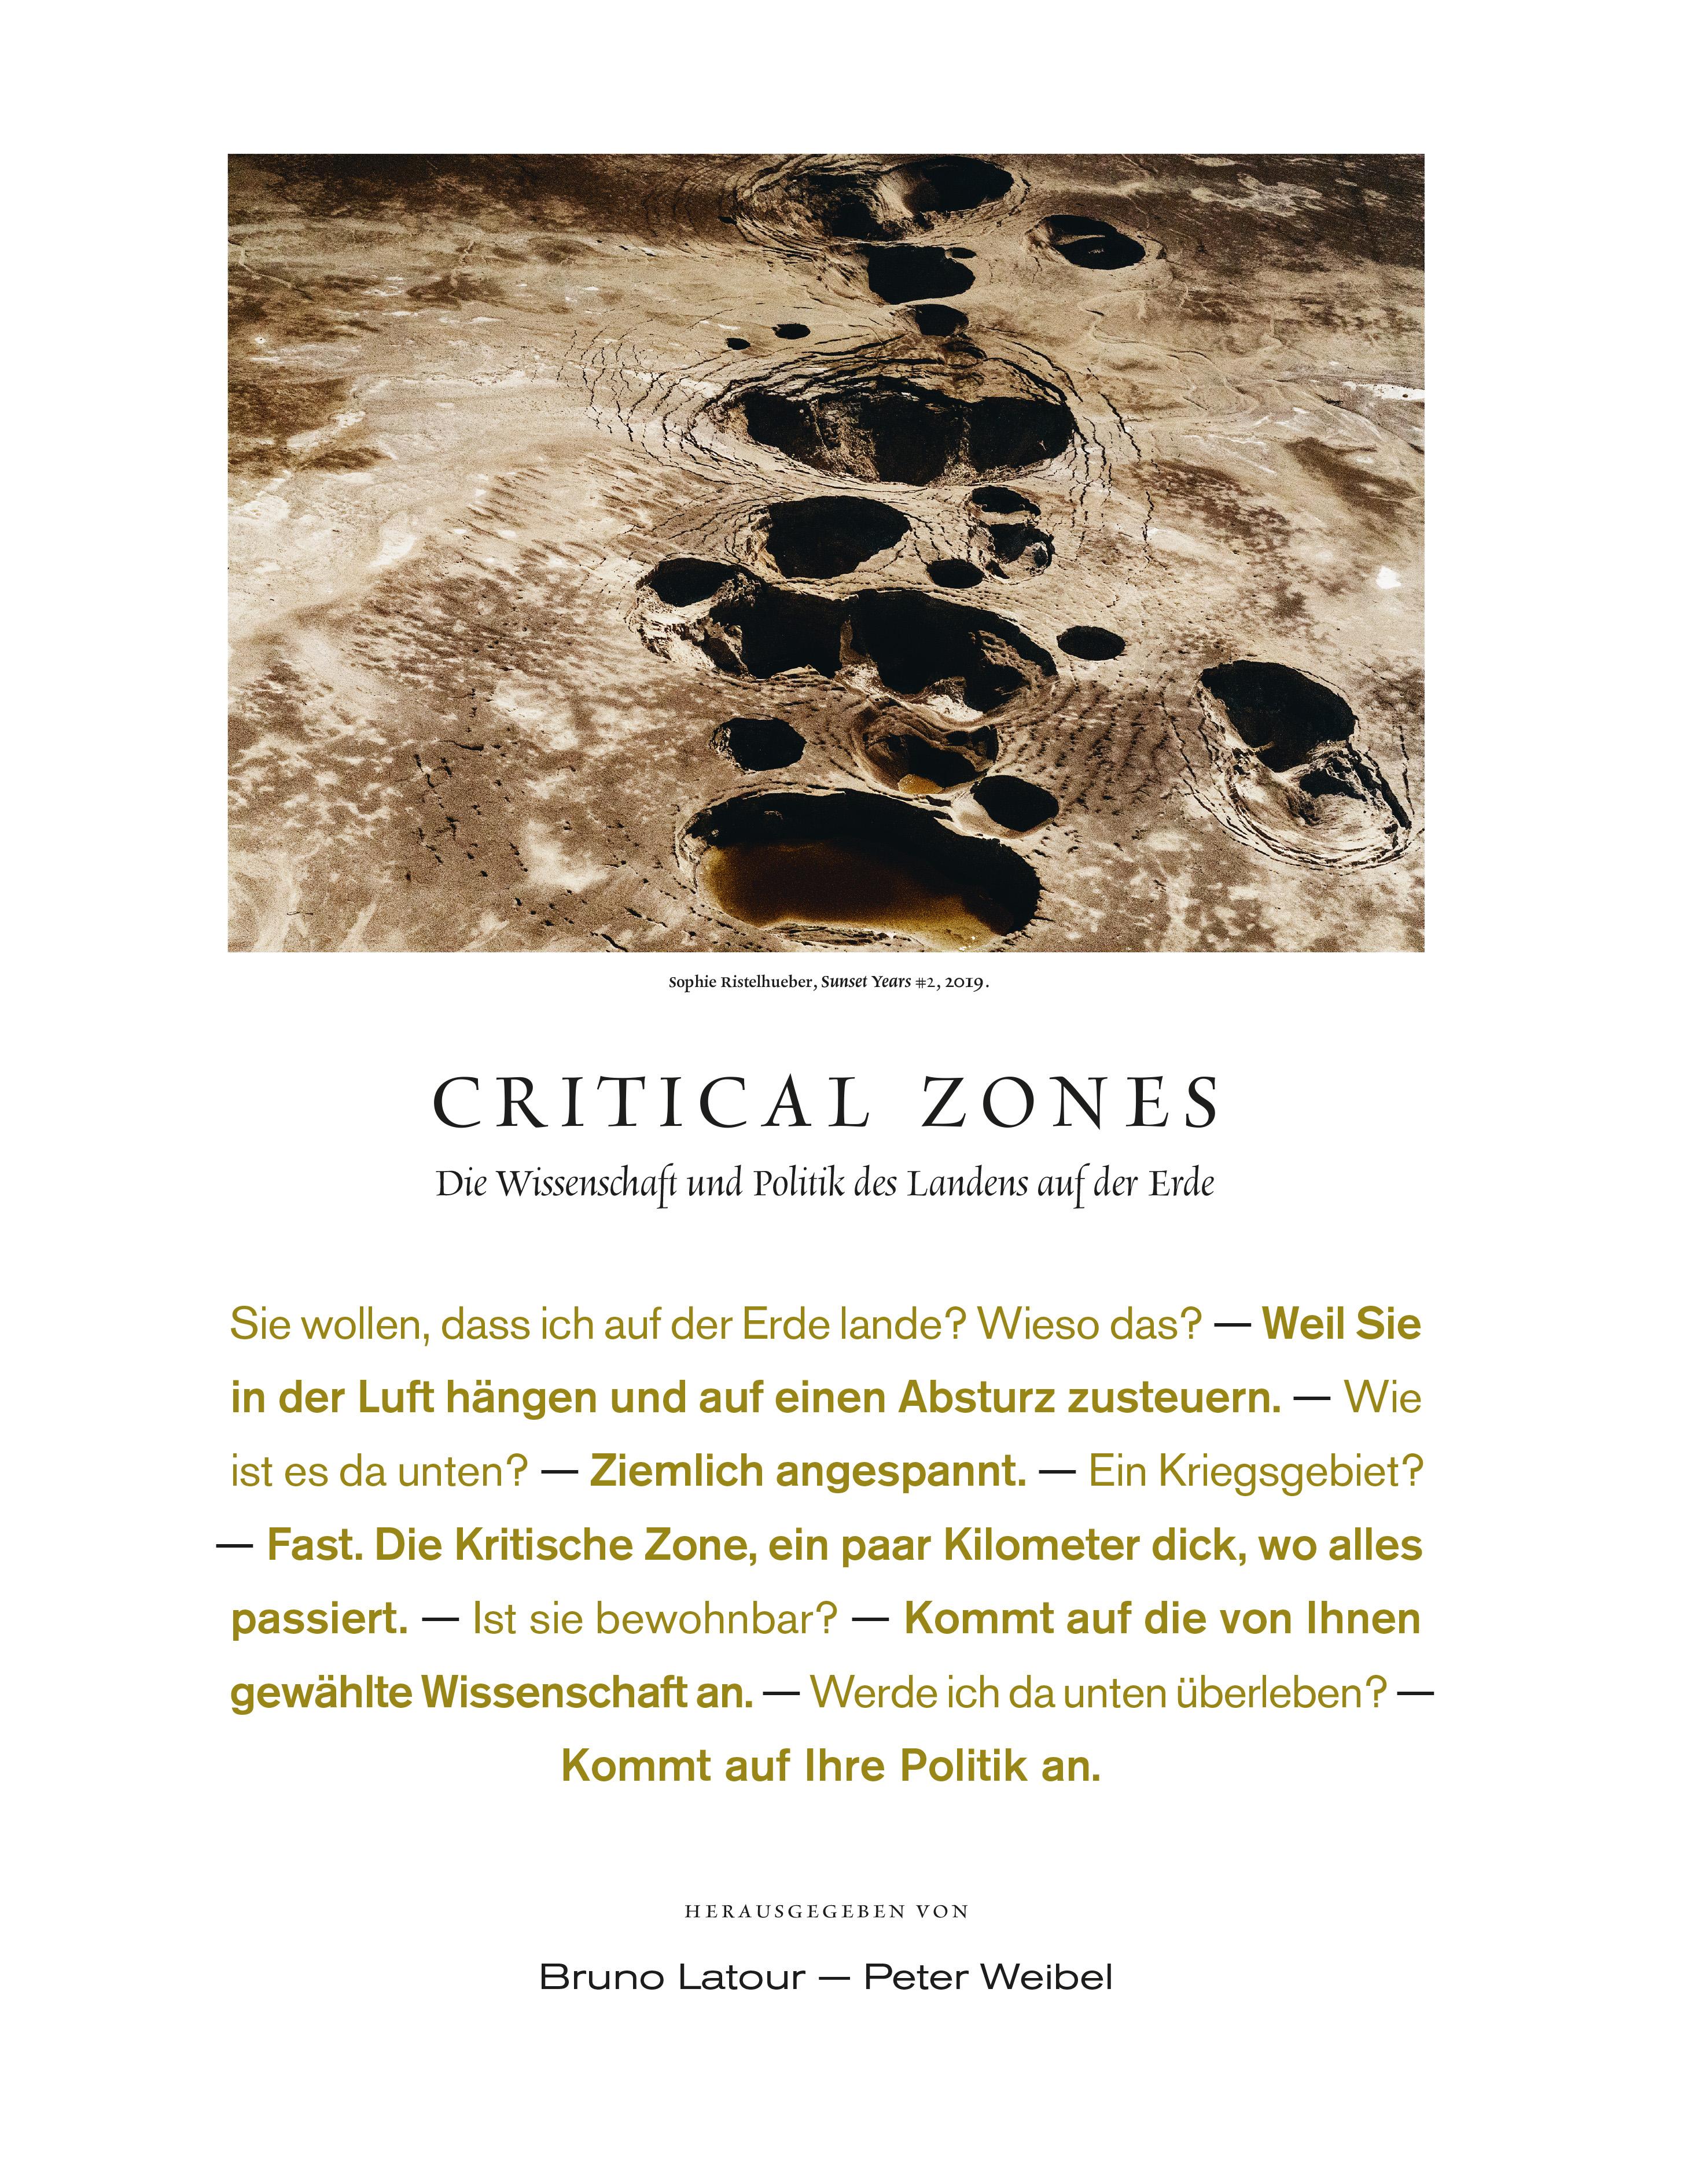 Critical Zones (deutsch)